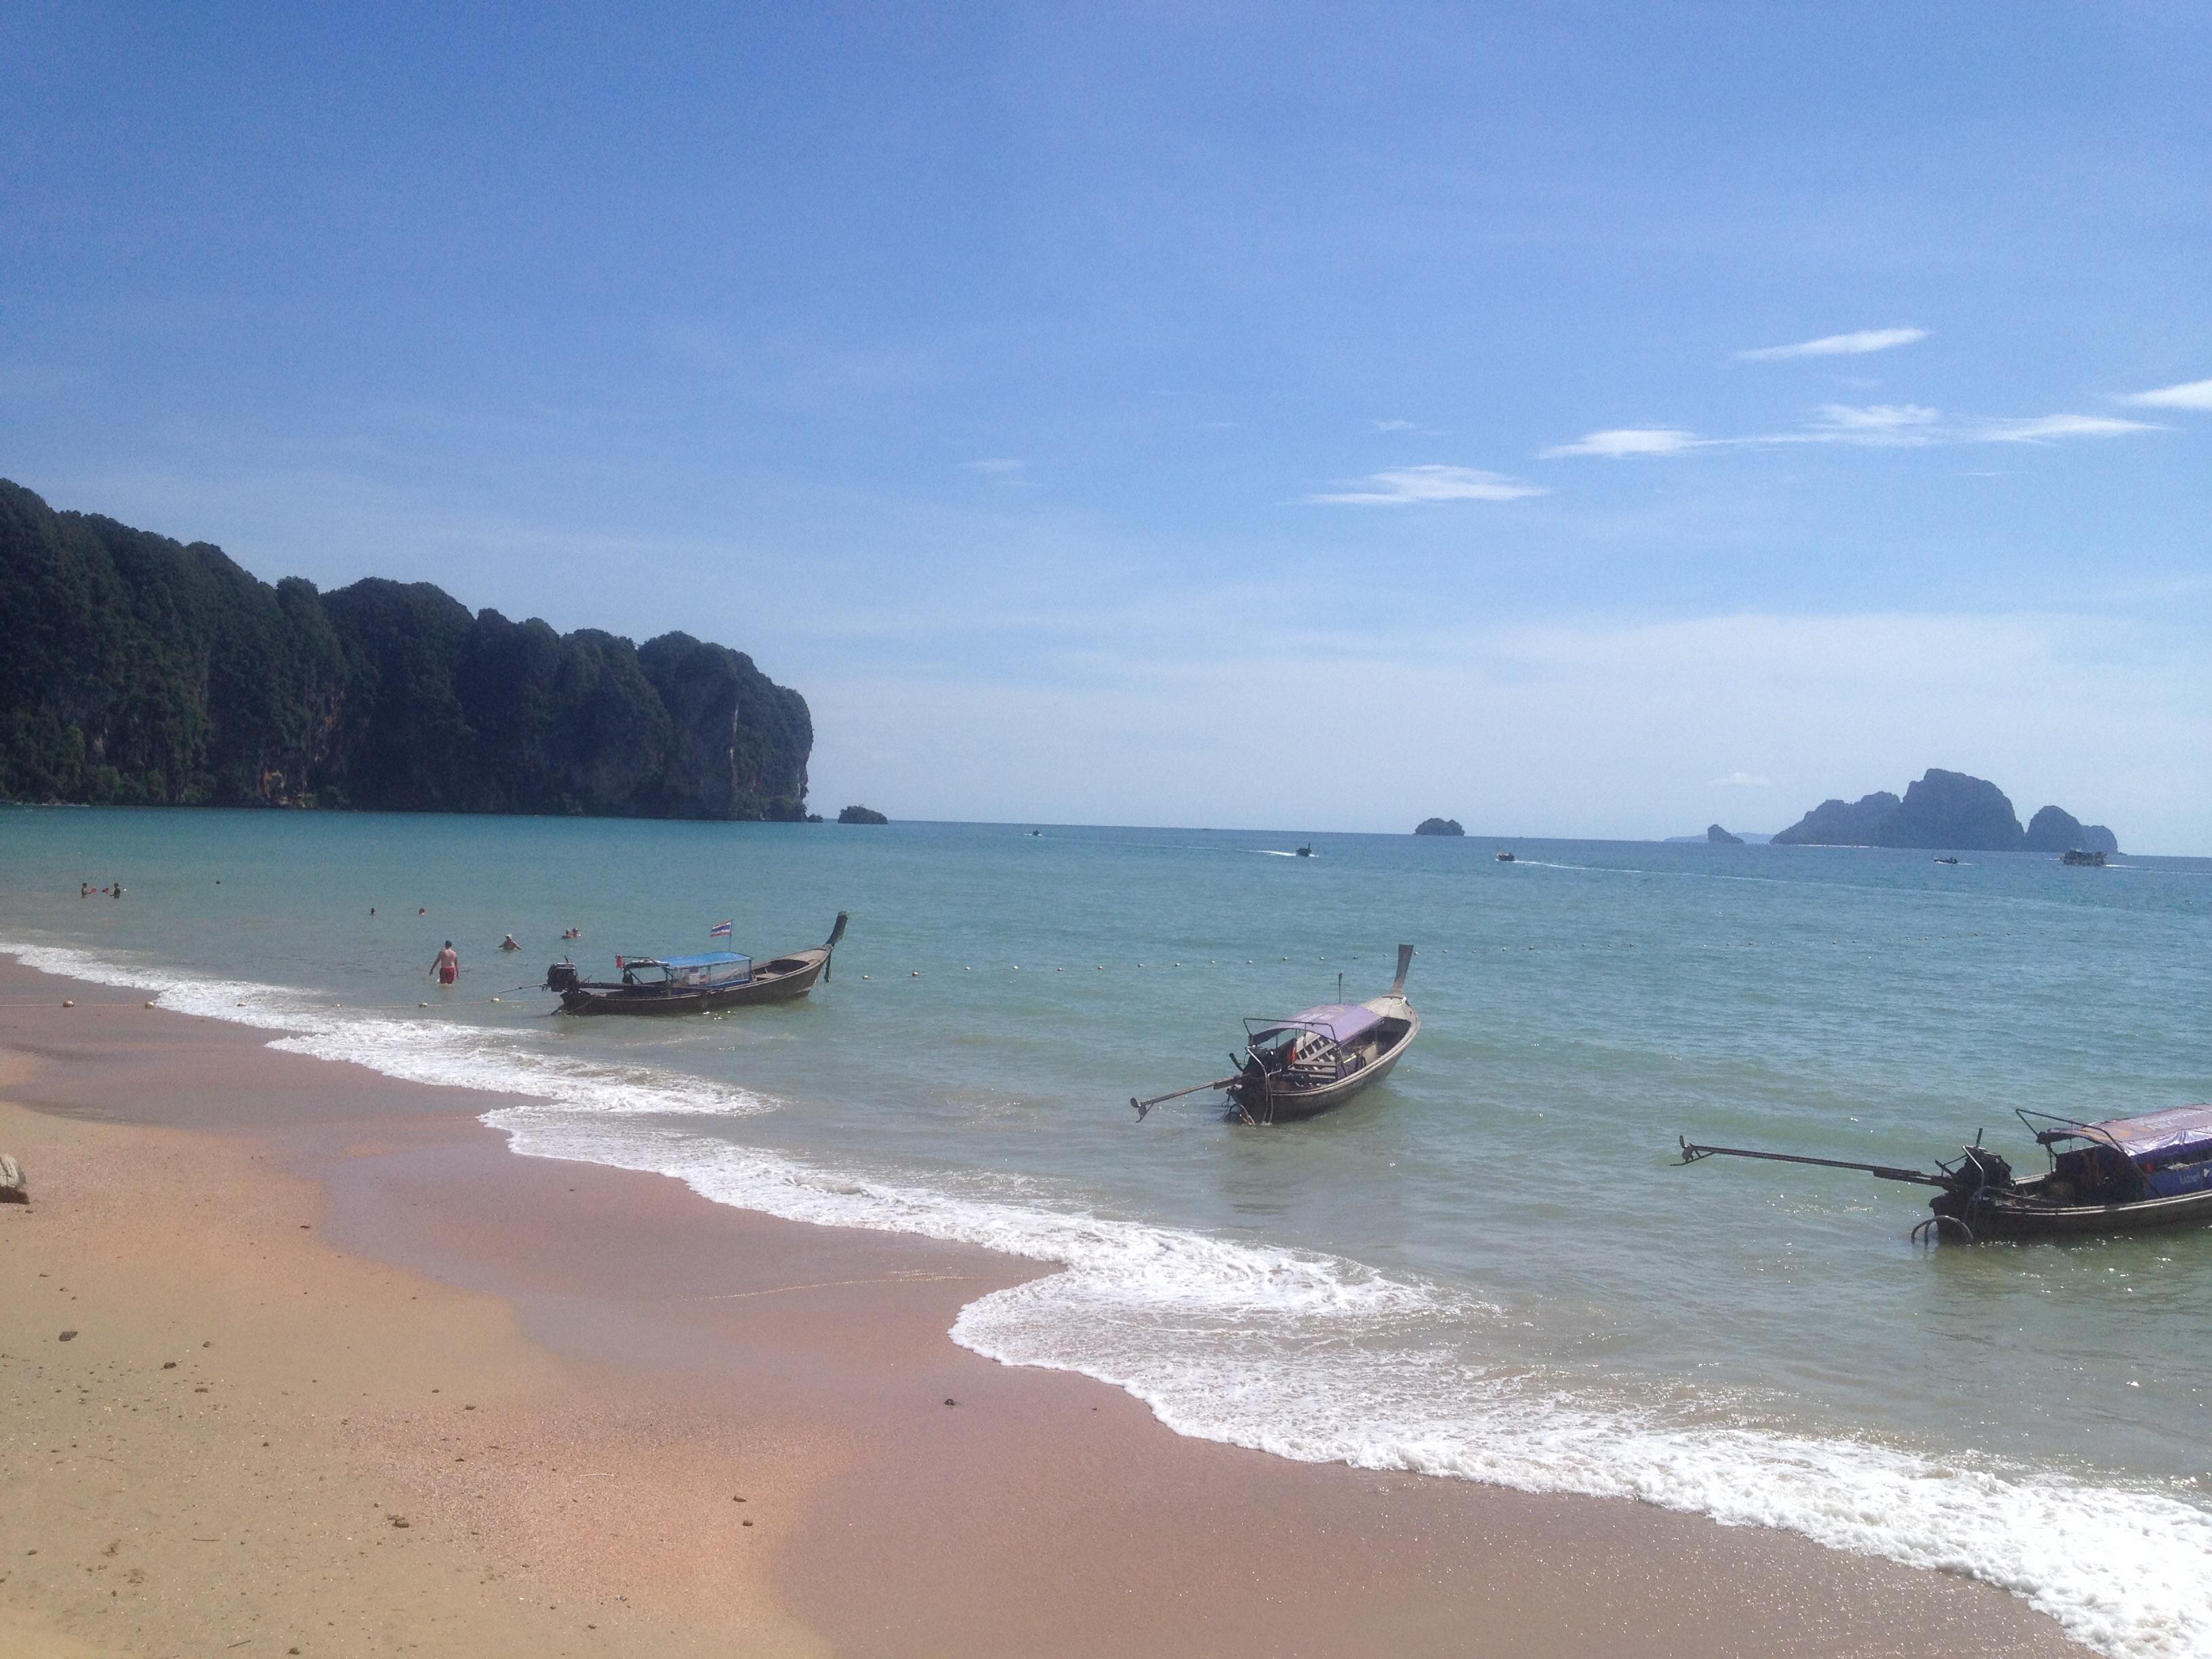 [TwA #2] Dotarliśmy nad morze, a autostop mógłby działać lepiej w Tajlandii